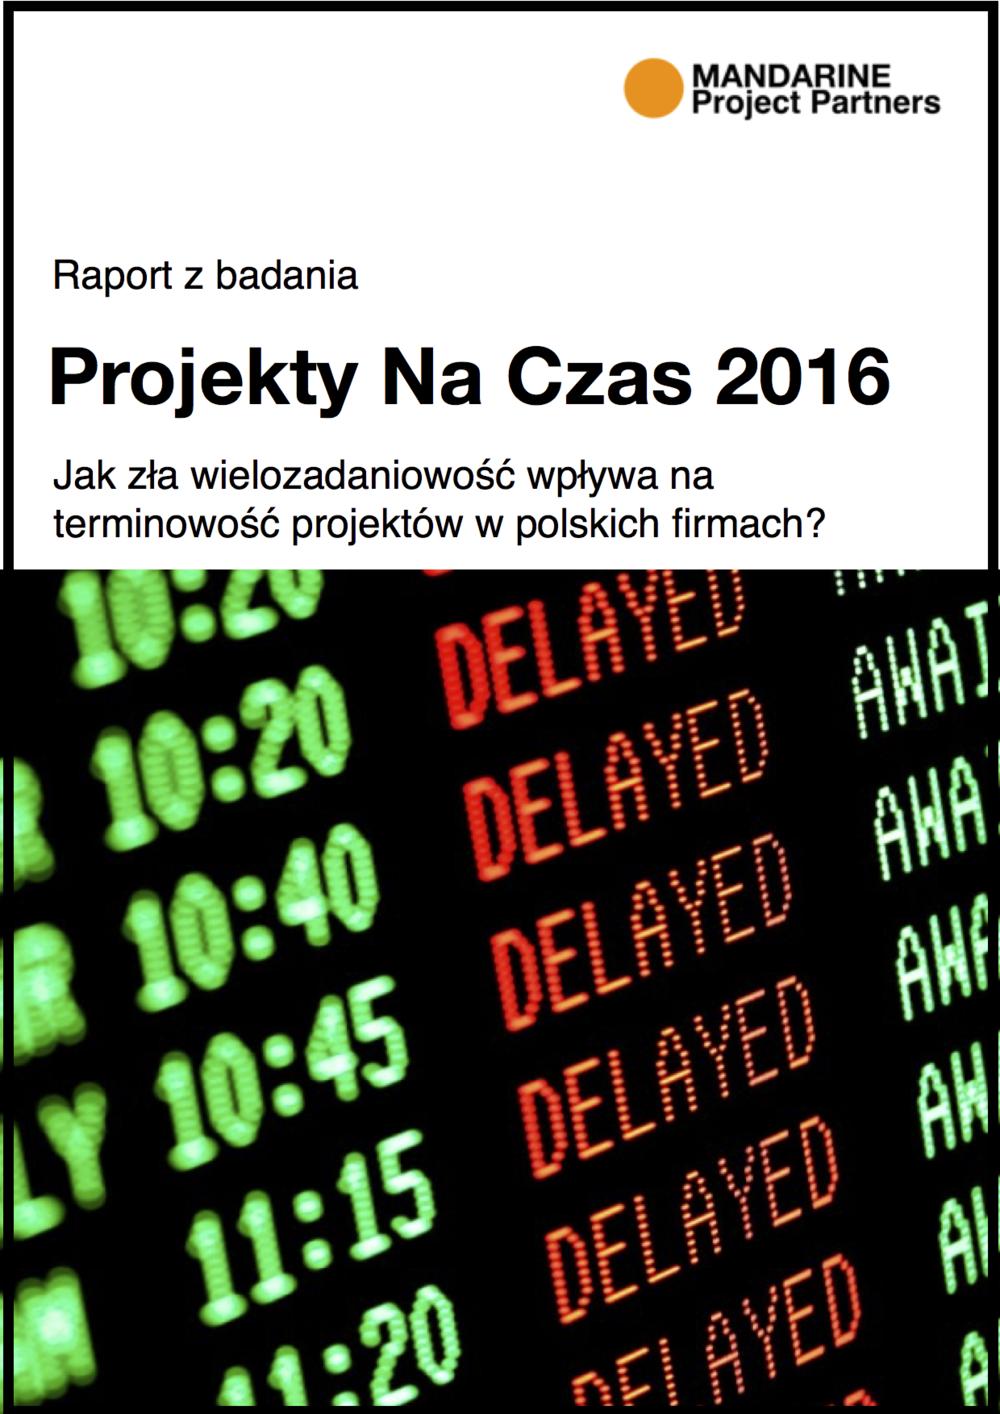 Raport z badania Projekty Na Czas 2016